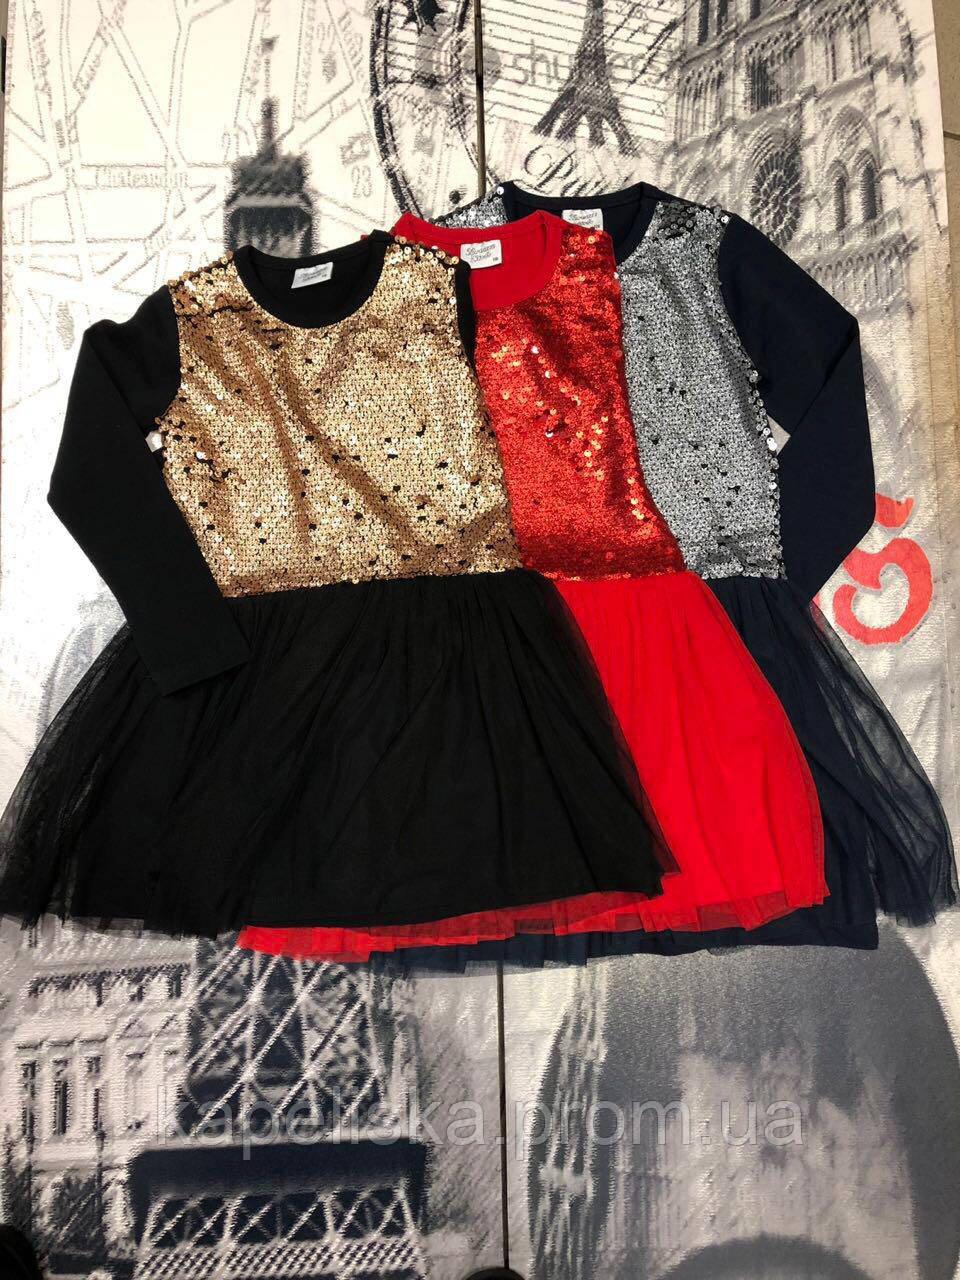 Breeze платье нарядное для девочек, бризе платье для праздника, брізе